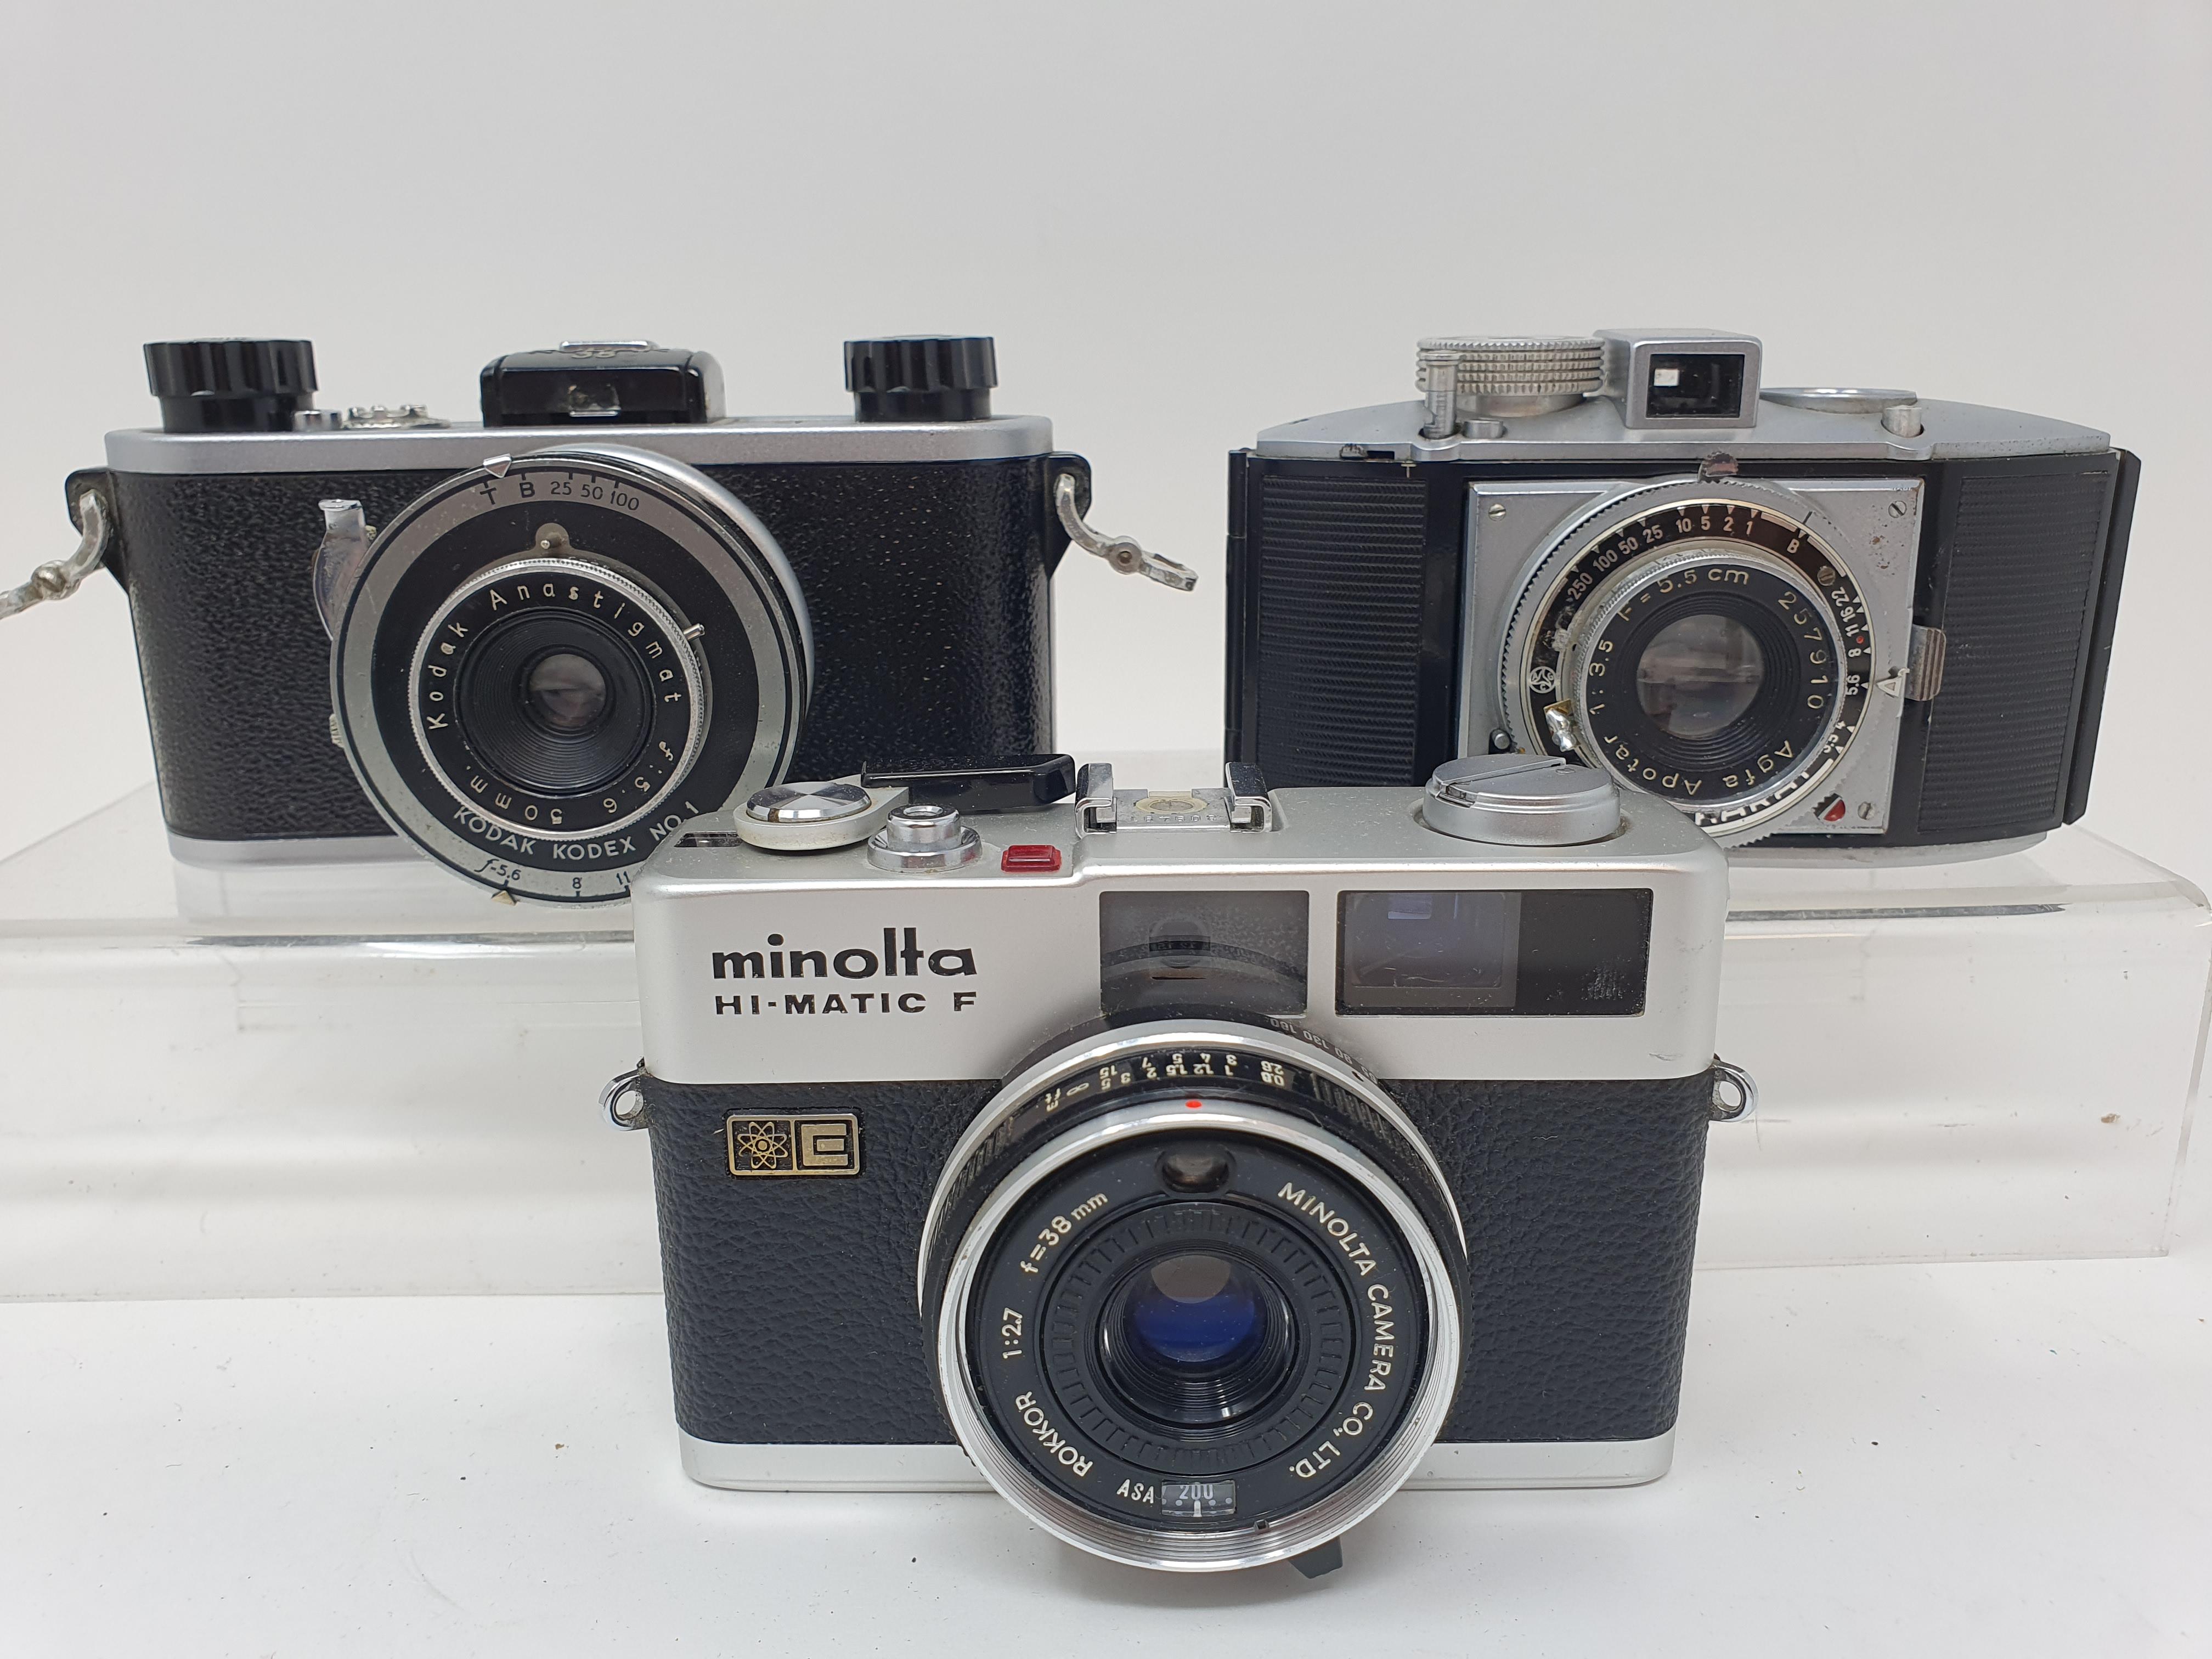 A Kodak 35 camera, a Minolta Hi - Matic F camera, and an Agfa Karat camera (3) Provenance: Part of a